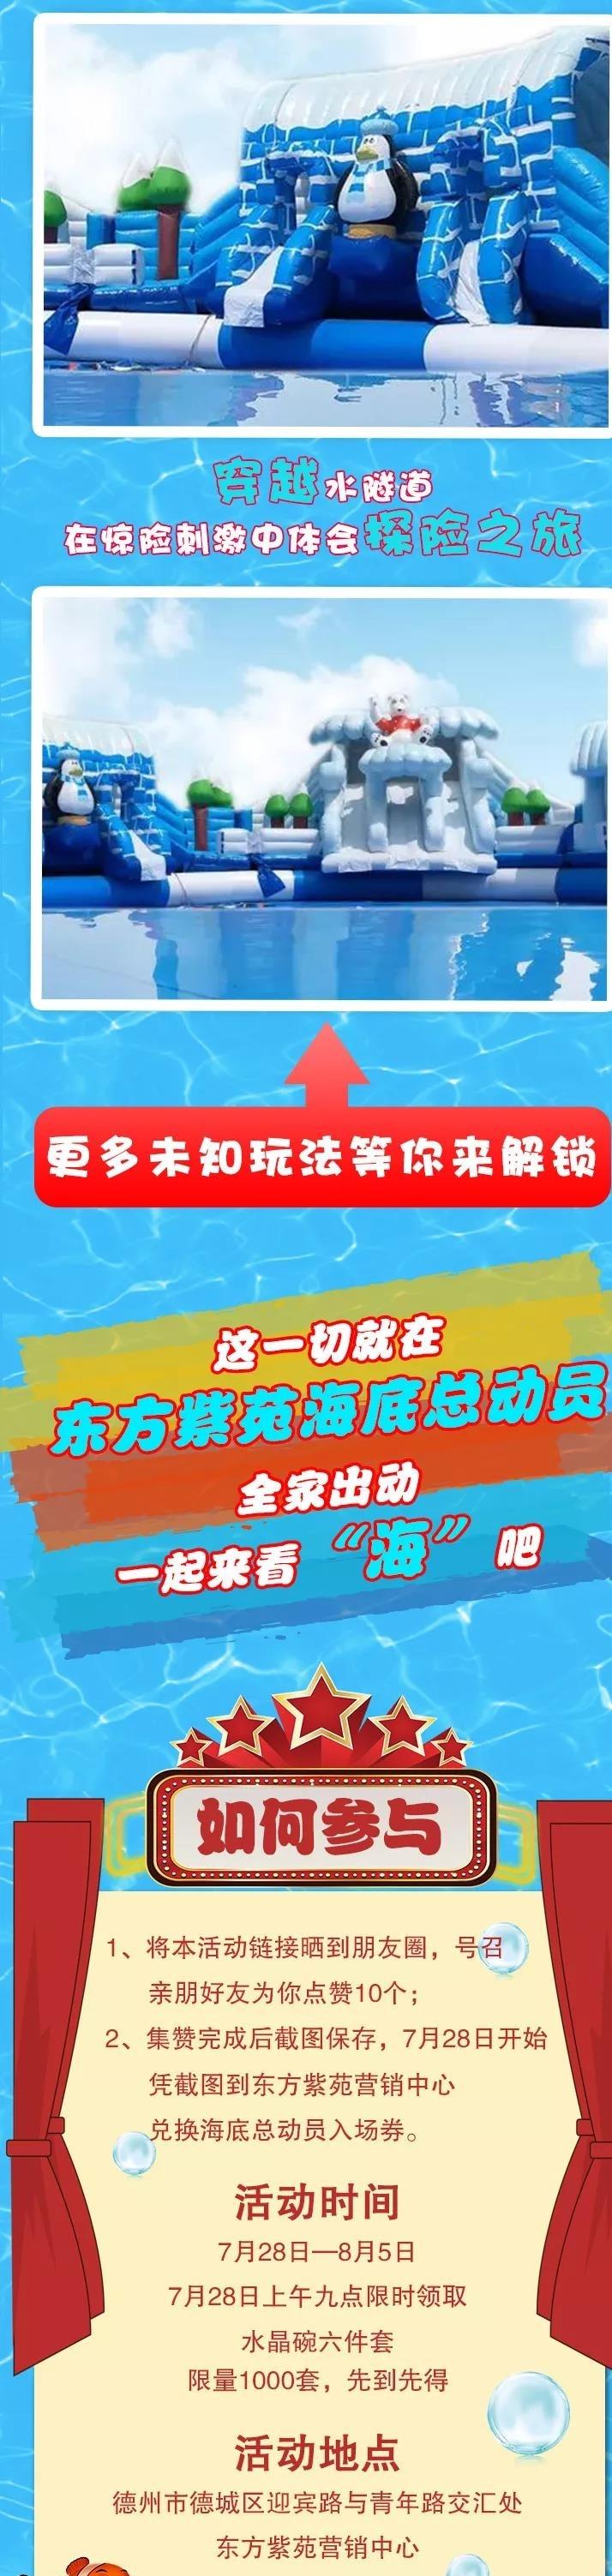 7月28日东方紫苑营销中心盛大开放